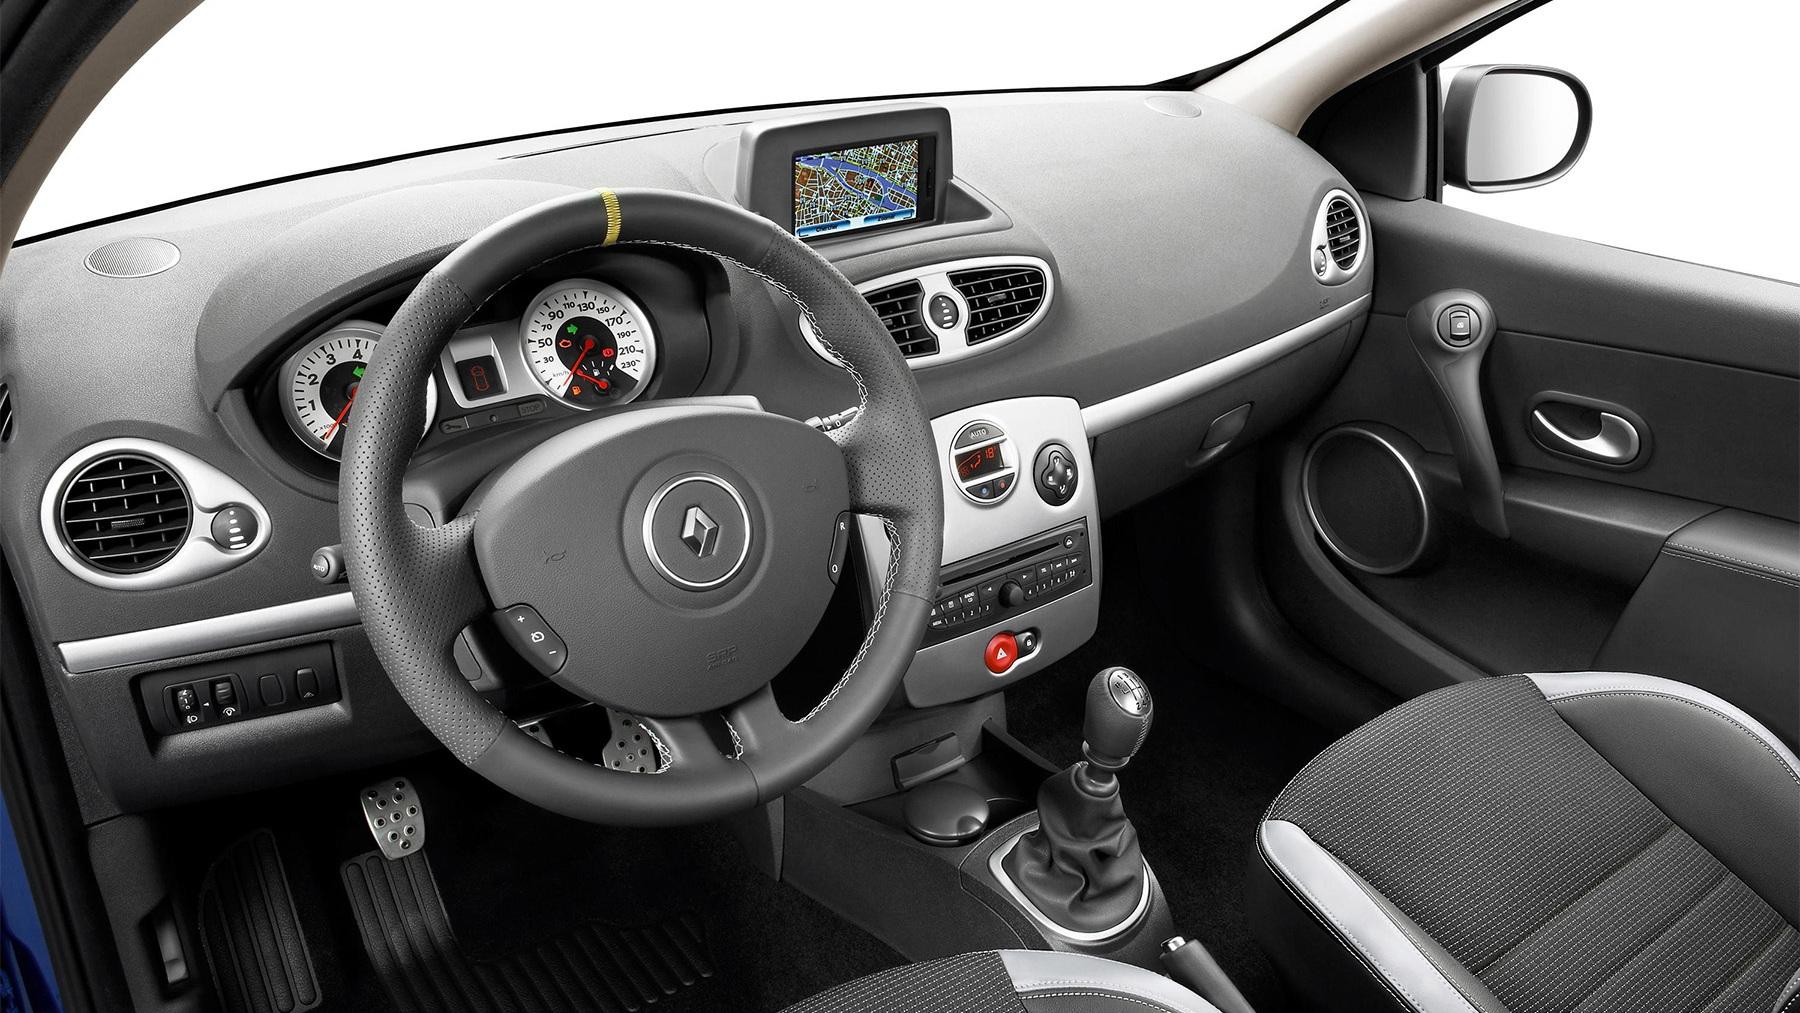 2010 renault clio facelift 003